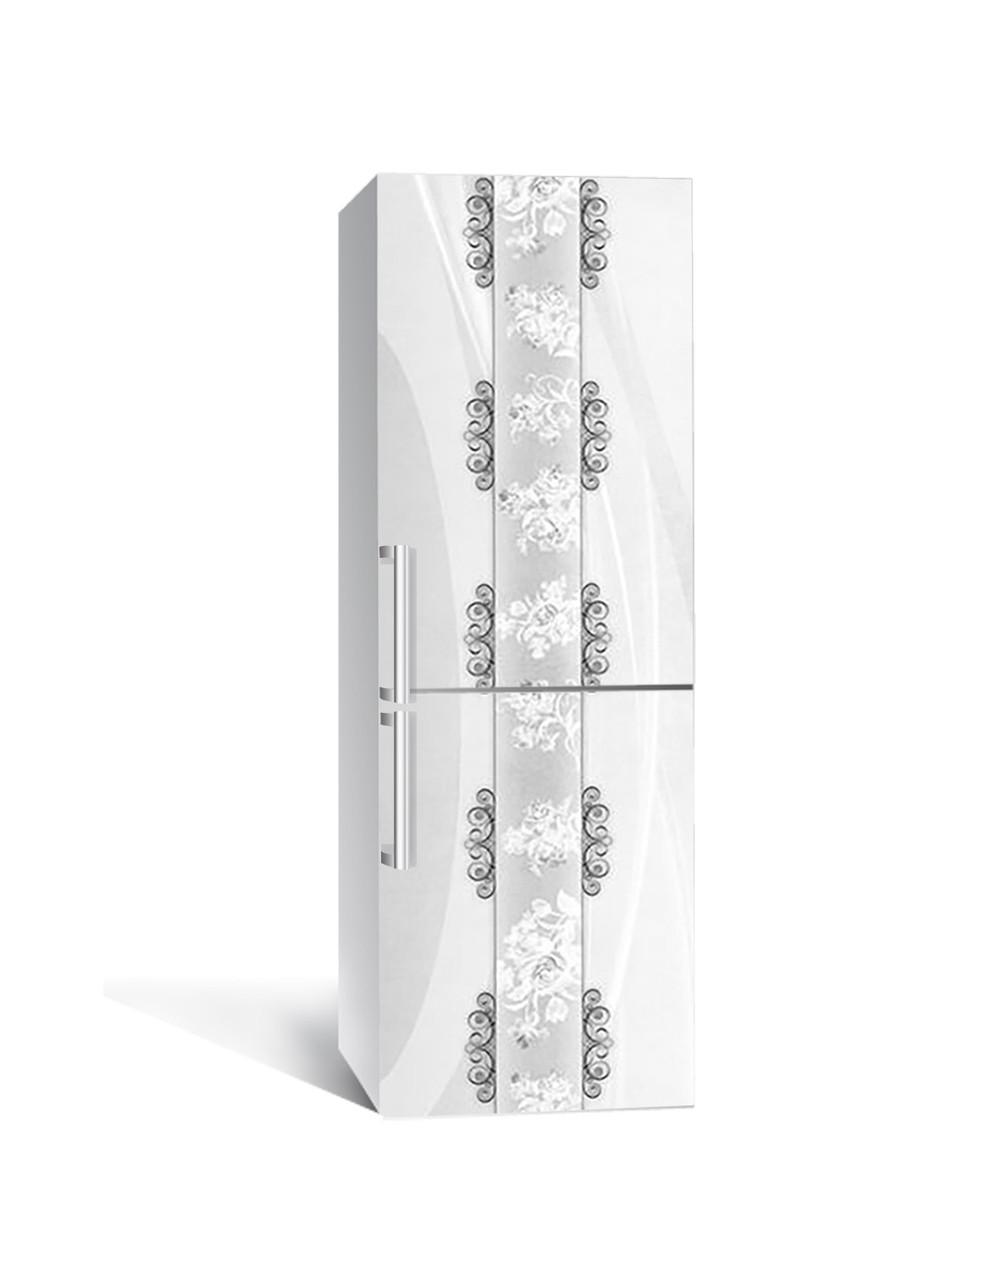 Декор 3Д наклейка на холодильник Візерунки Орнамент (плівка ПВХ з ламінуванням) 65*200см Абстракція Сірий